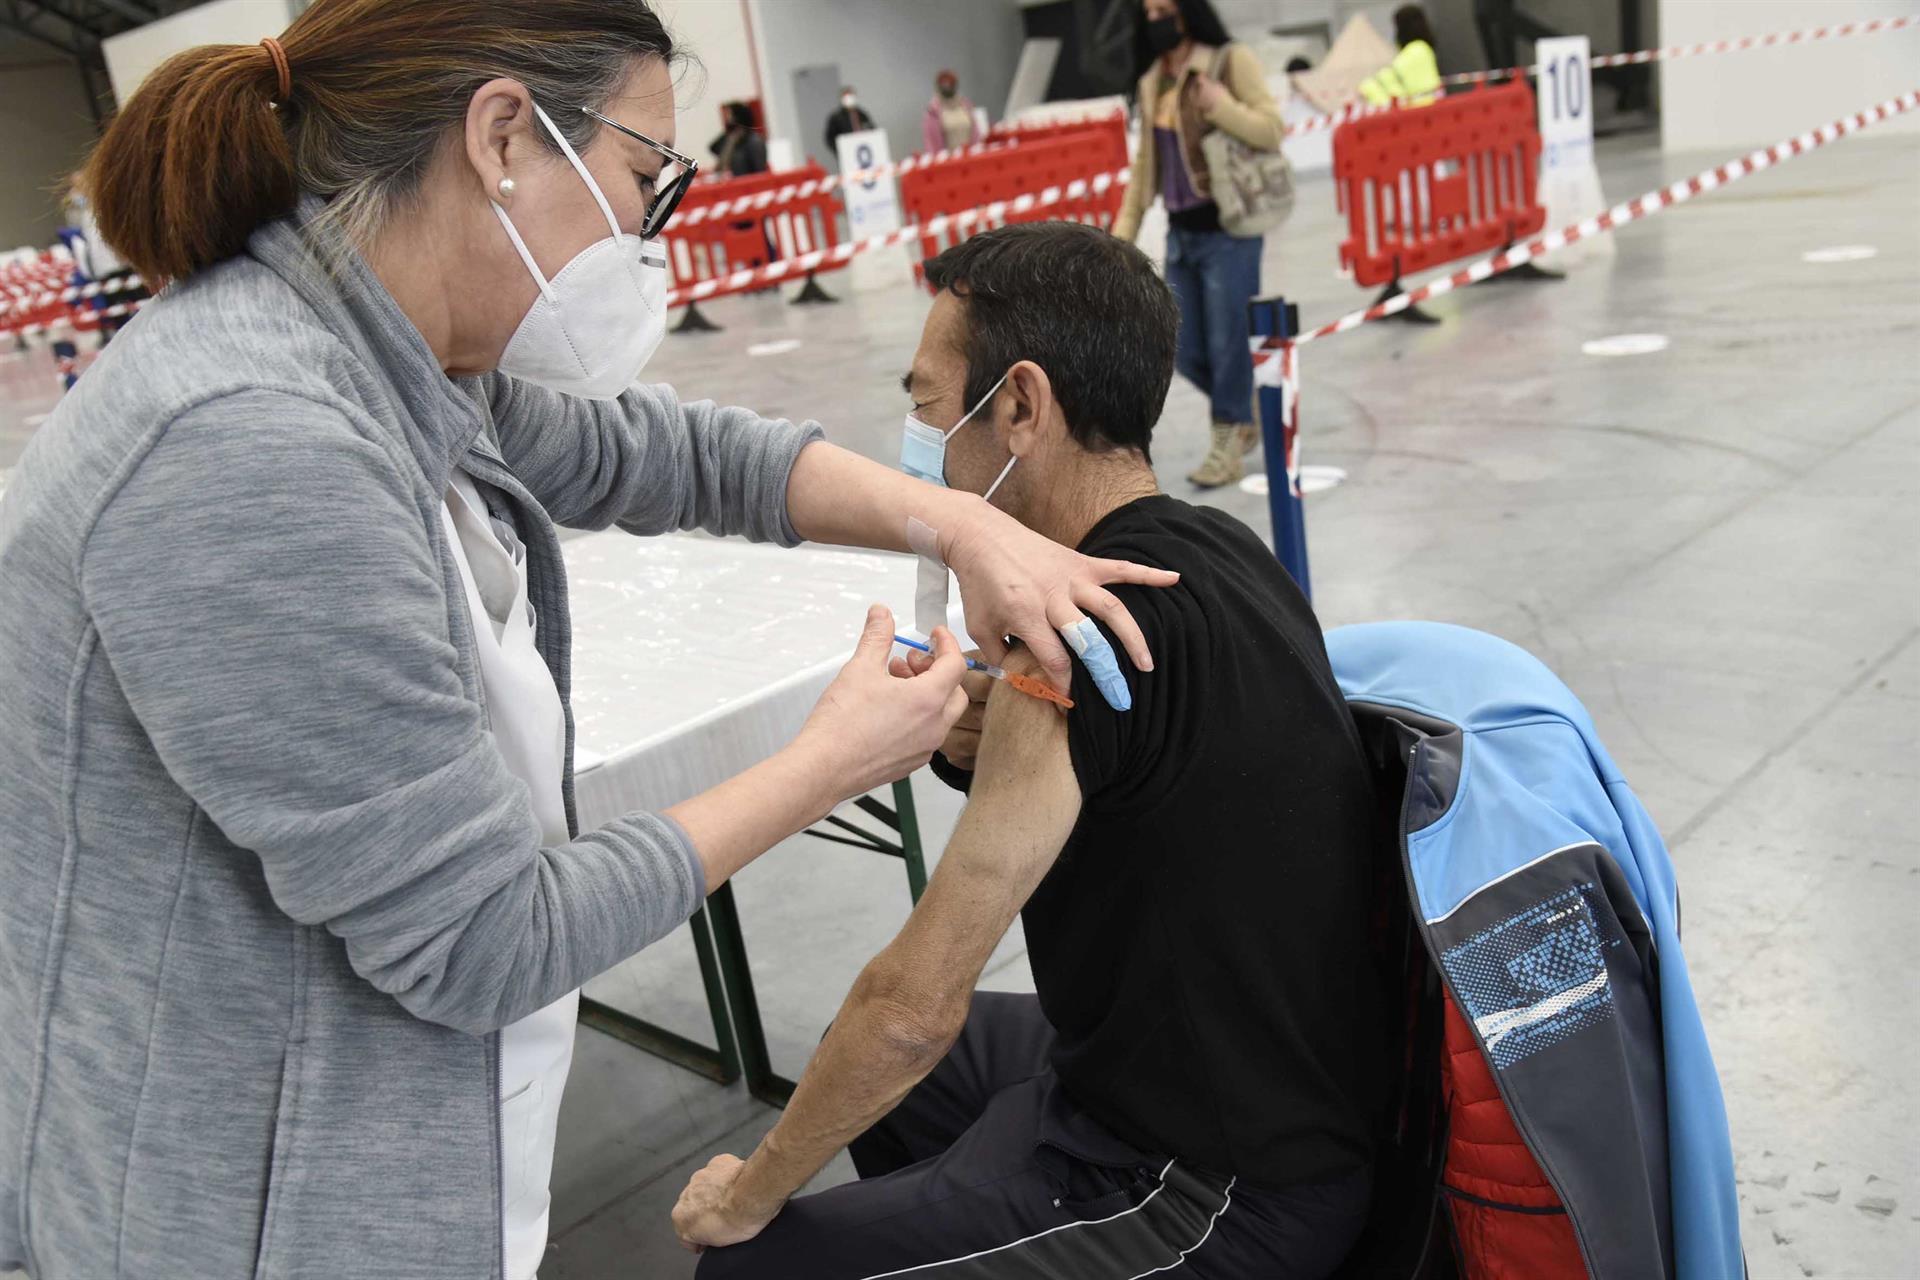 Una sanitaria vacuna a una hombre en el Instituto Ferial de Vigo (Ifevi), en Pontevedra, Galicia (España), a 13 de marzo de 2021